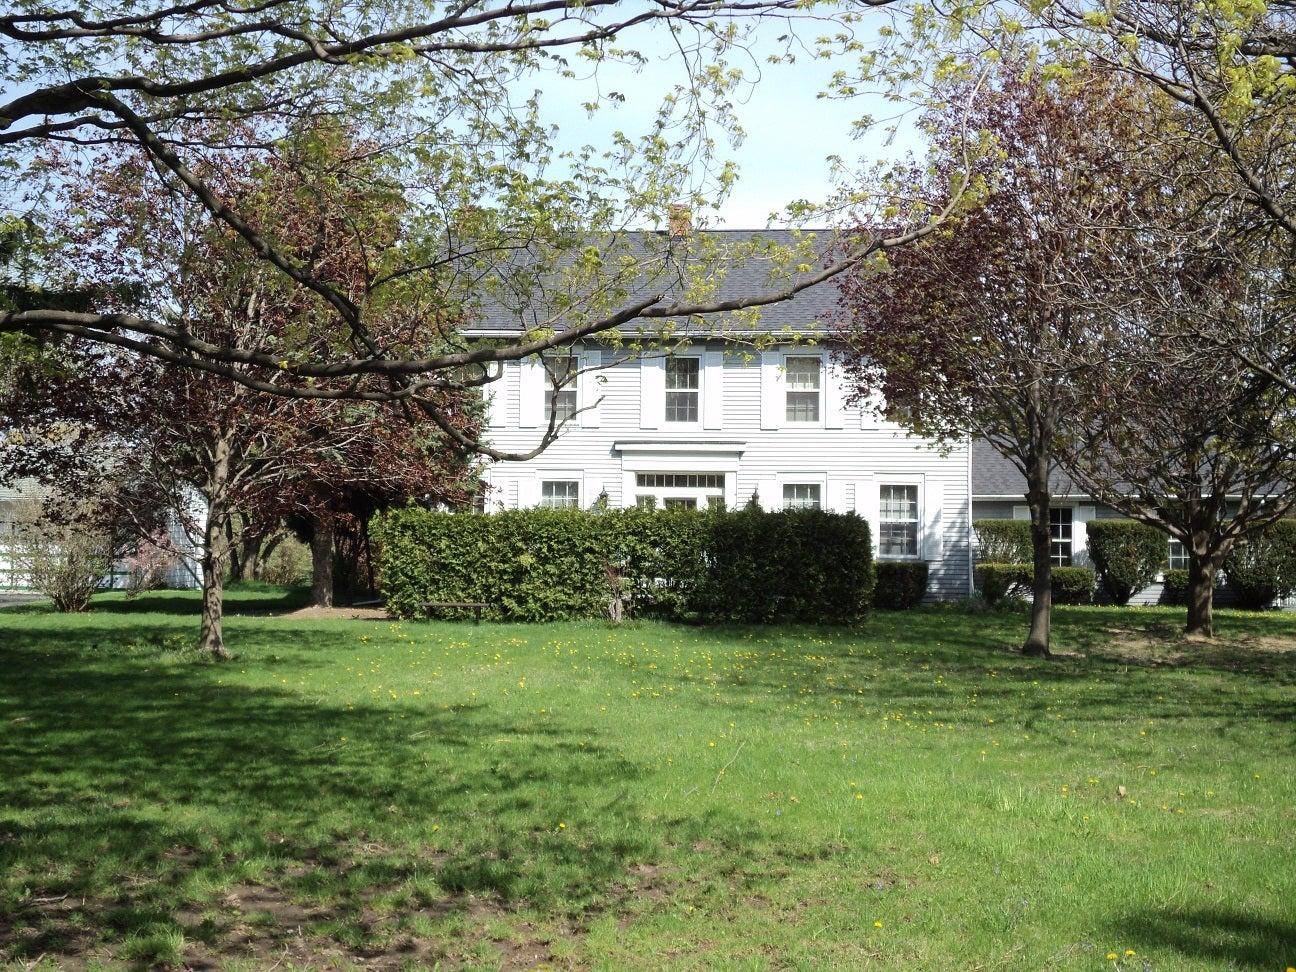 Former Colonel Wilcox Home